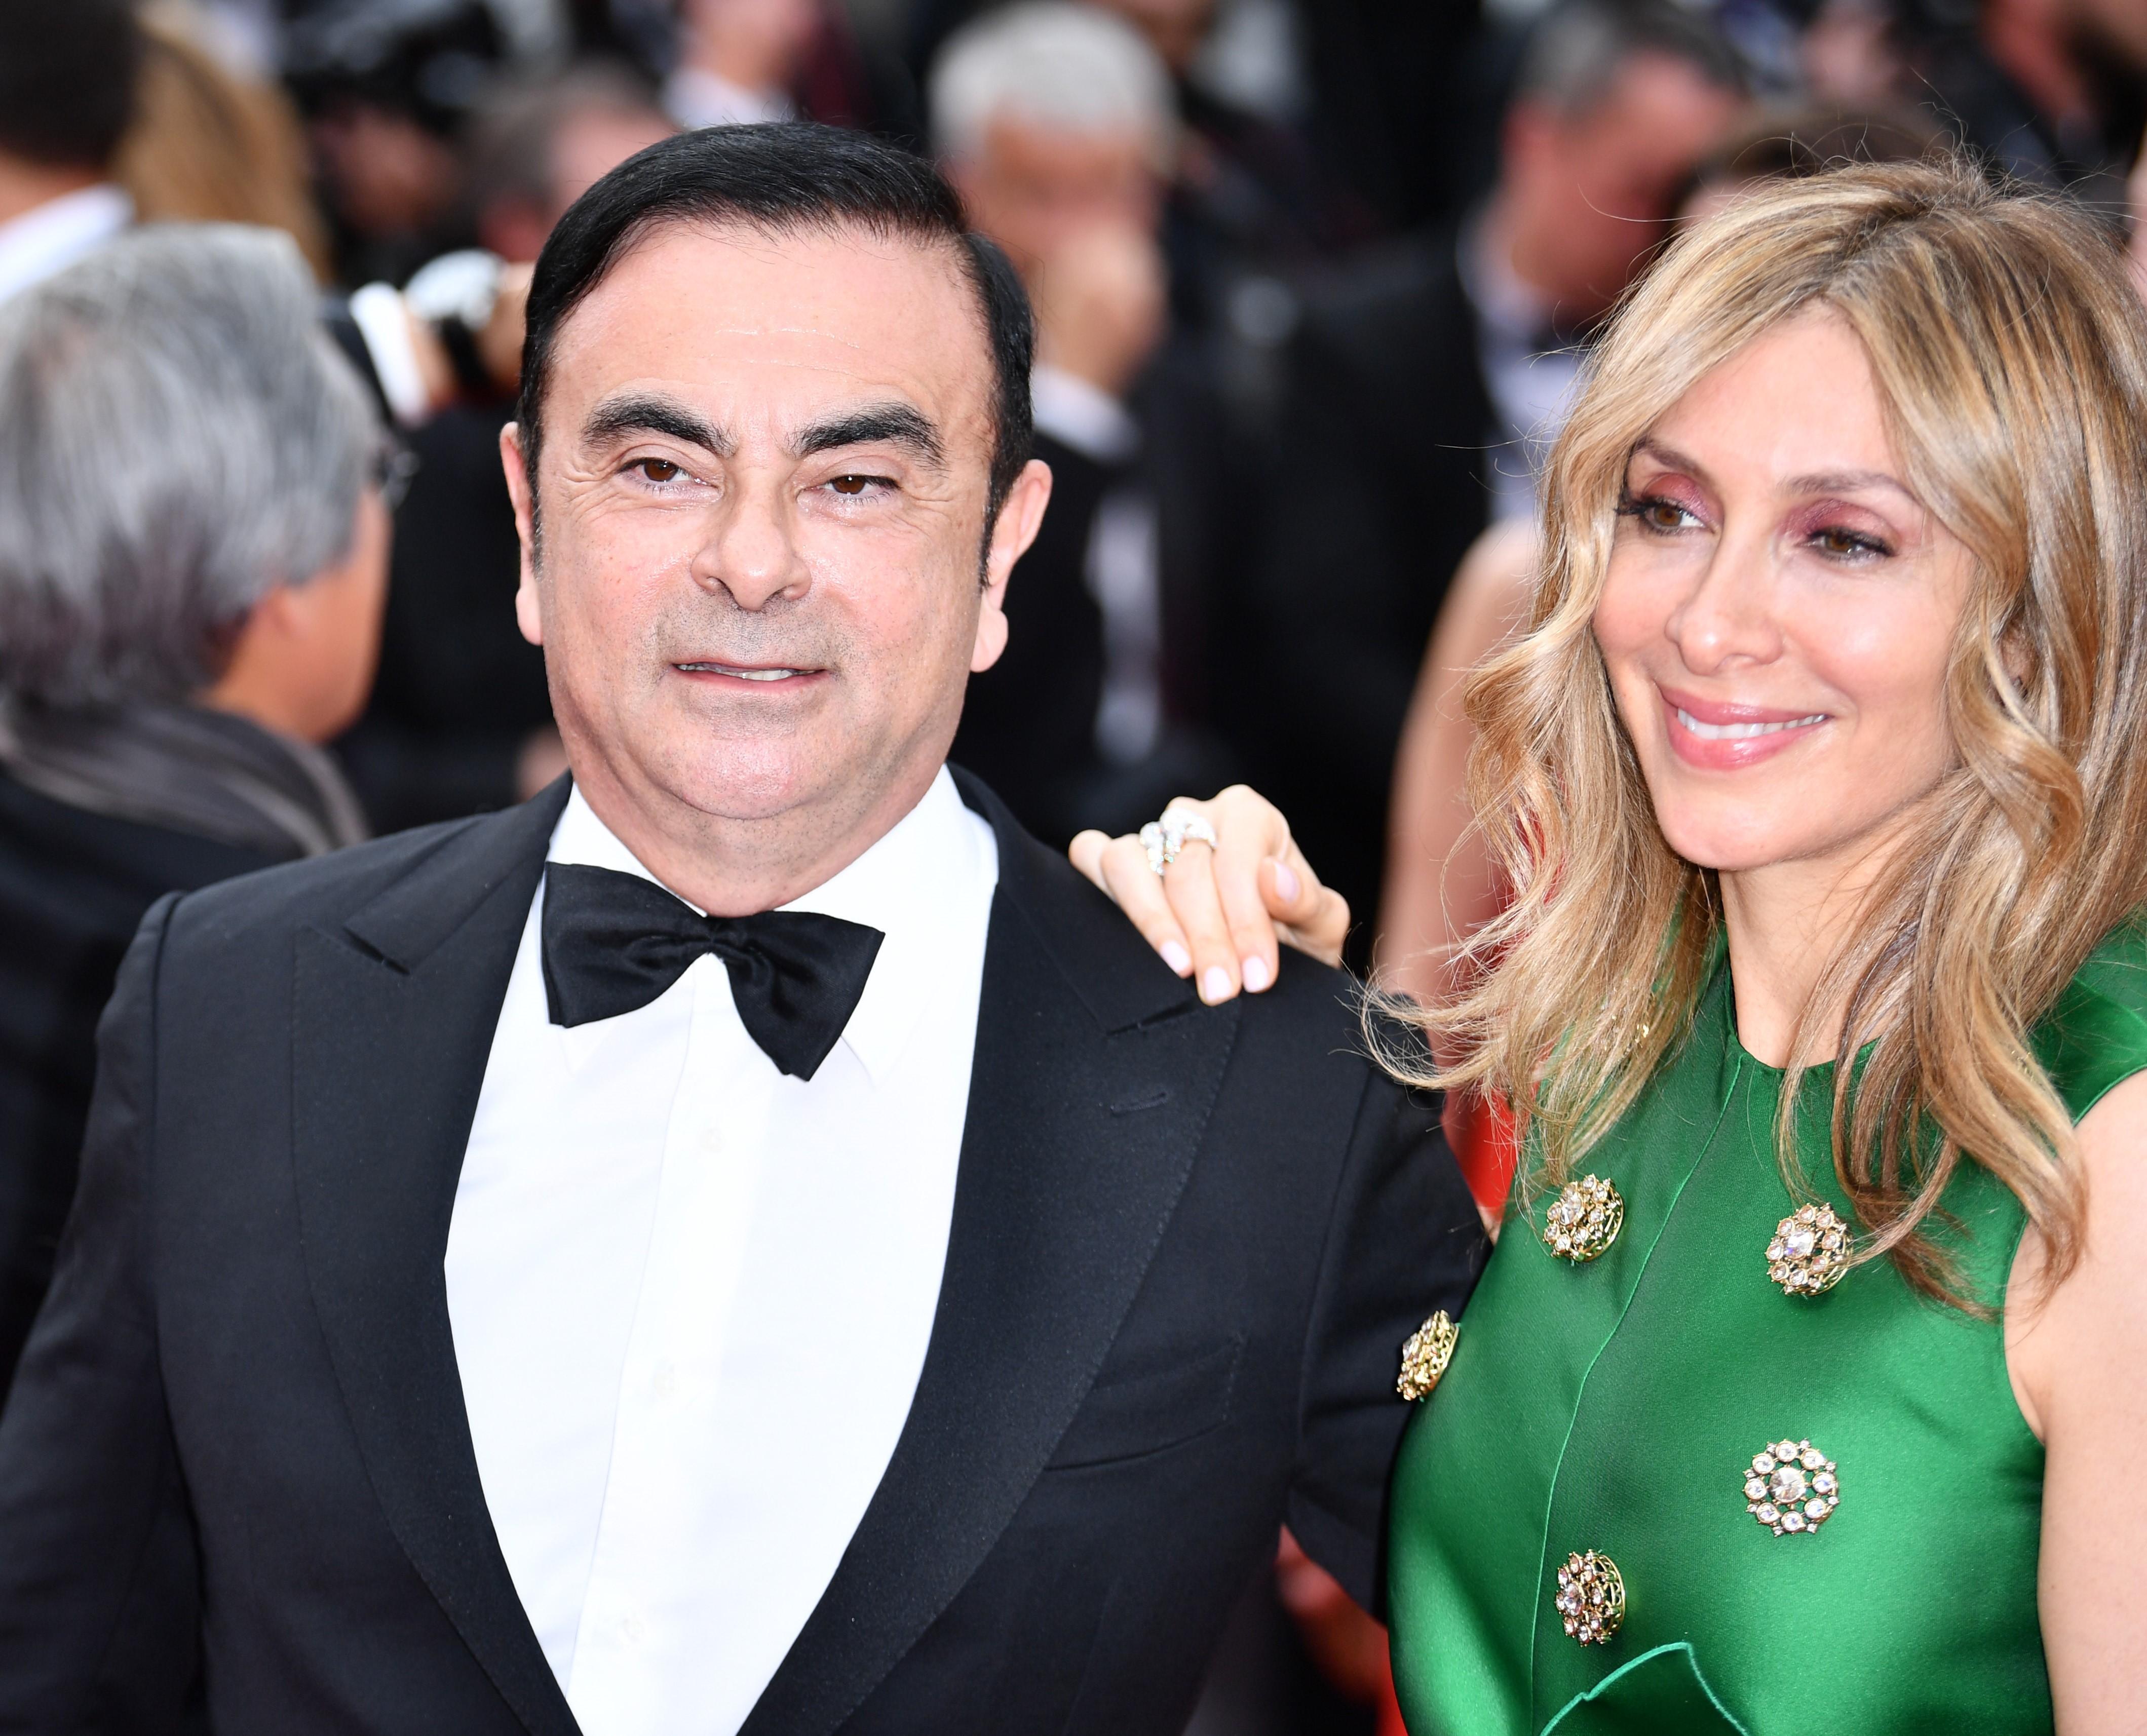 70th Cannes Film Festival - L'amant Double premiere